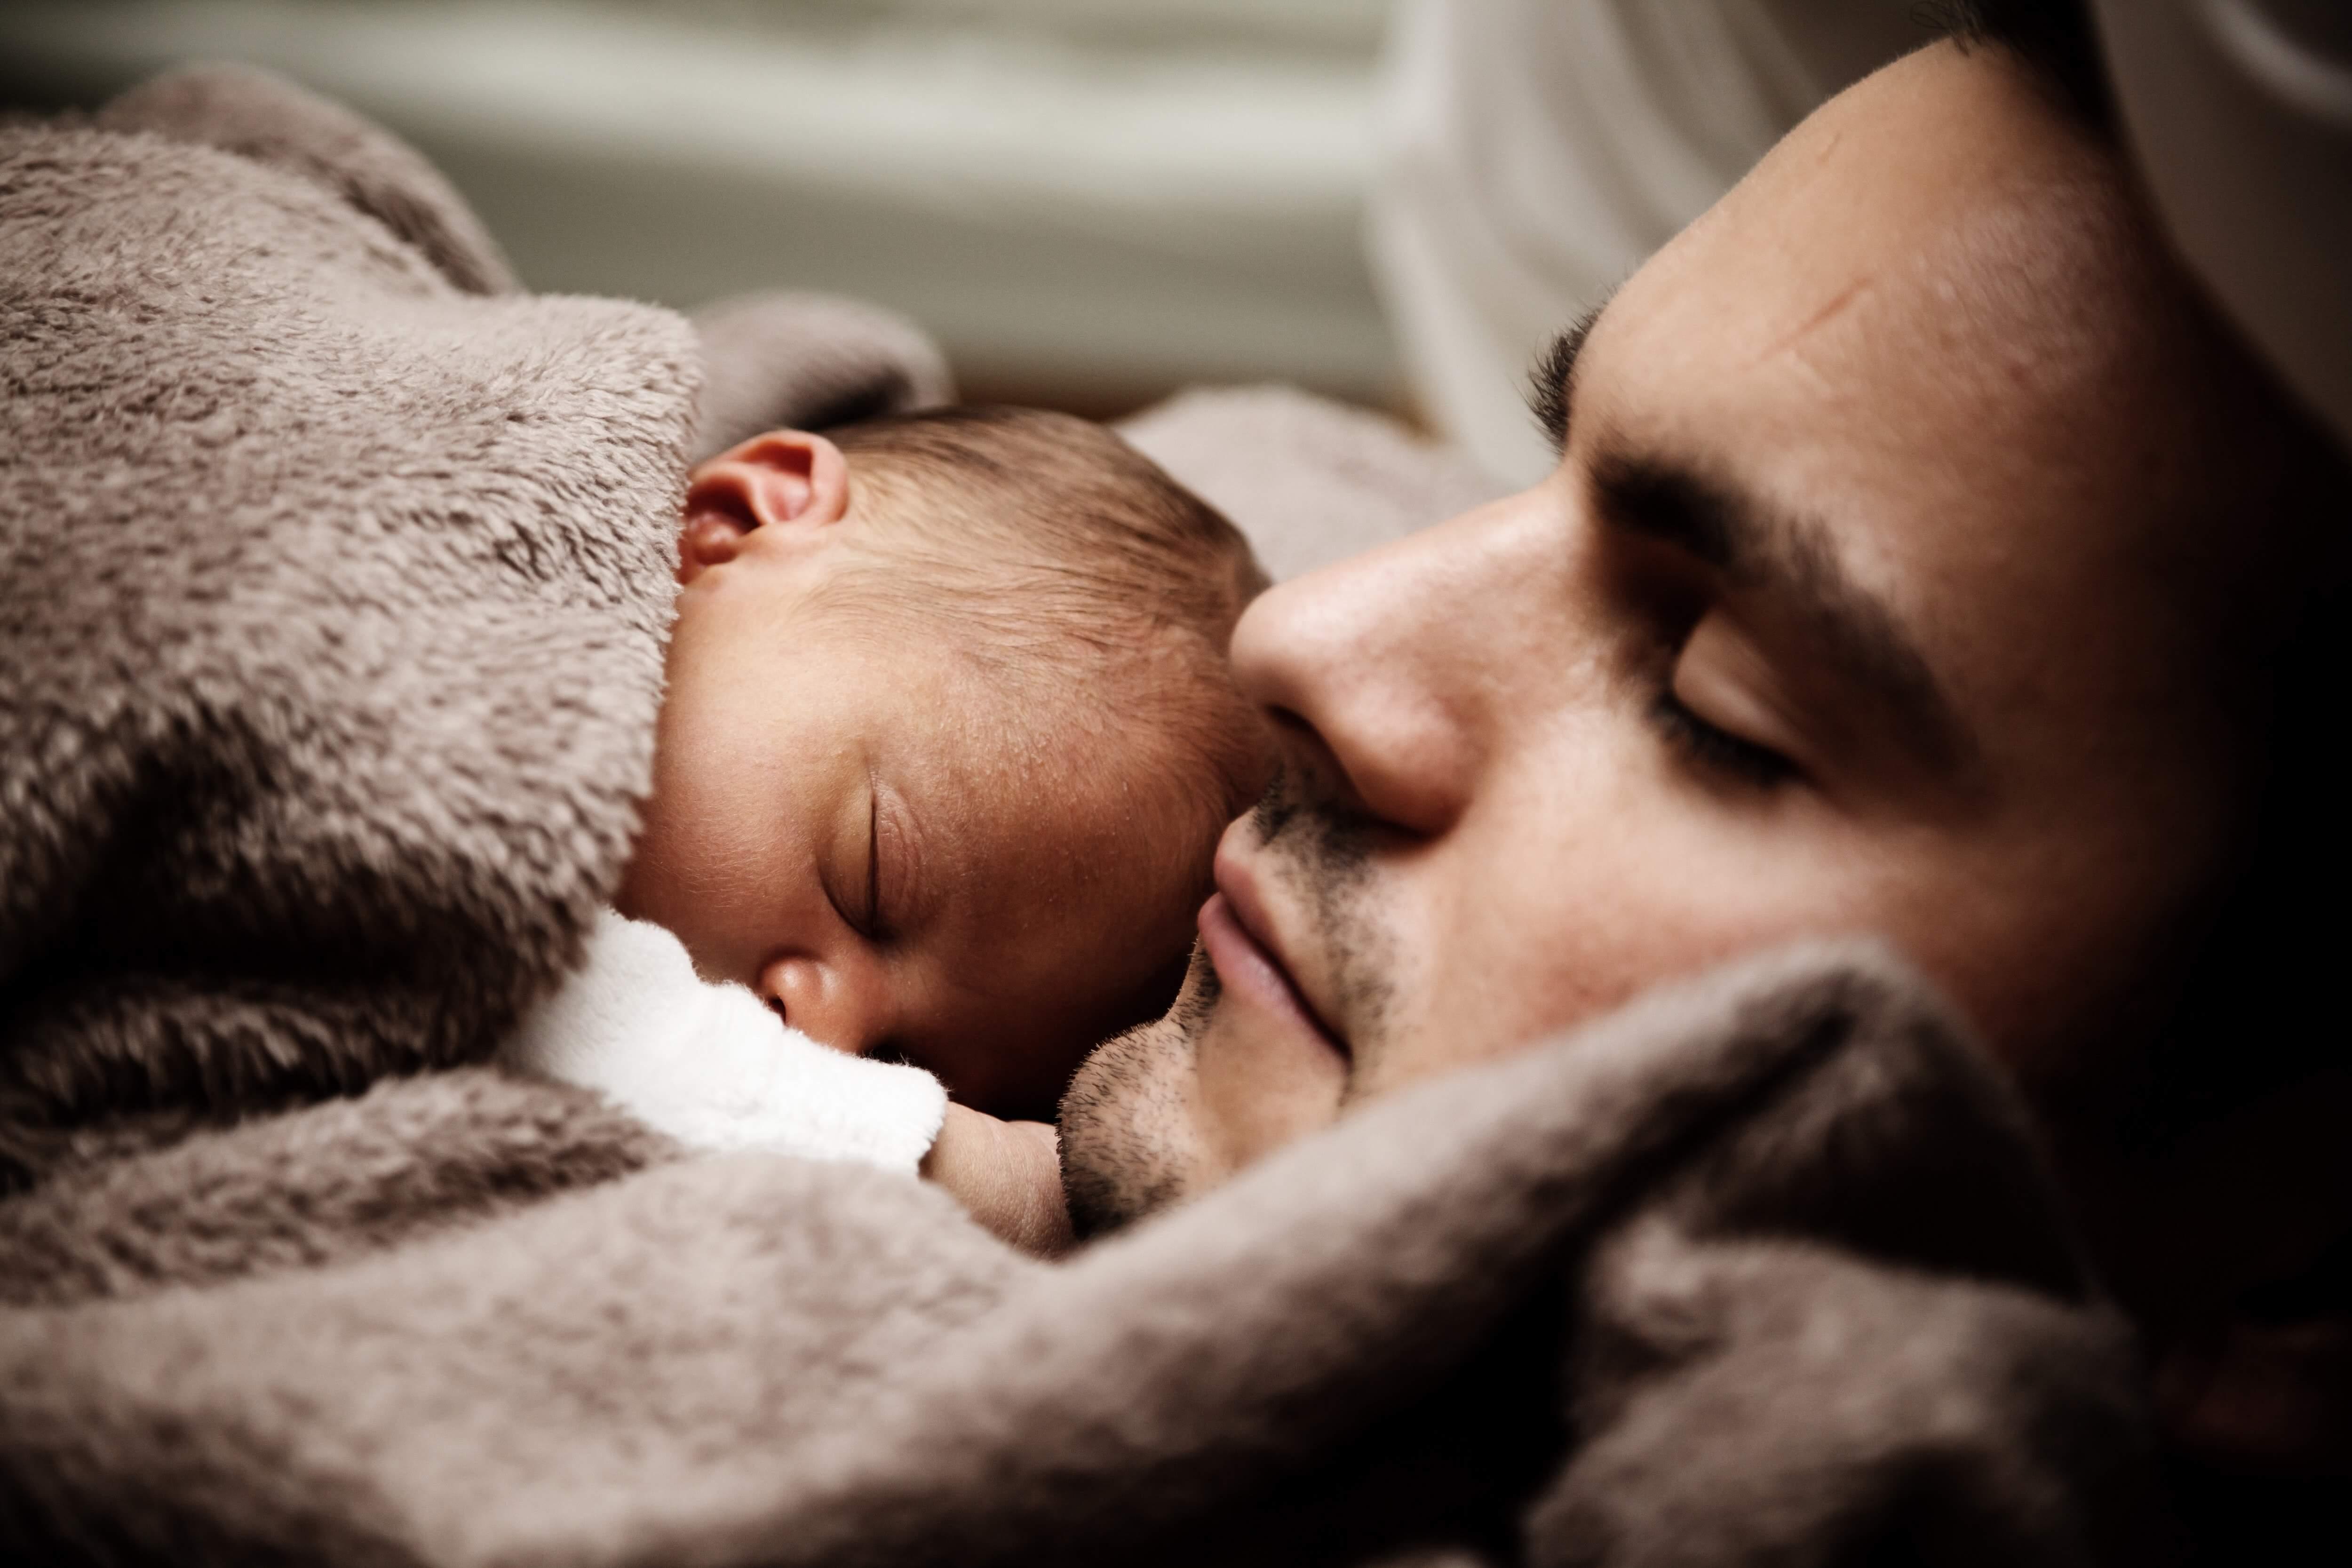 adorable-baby-born-2133